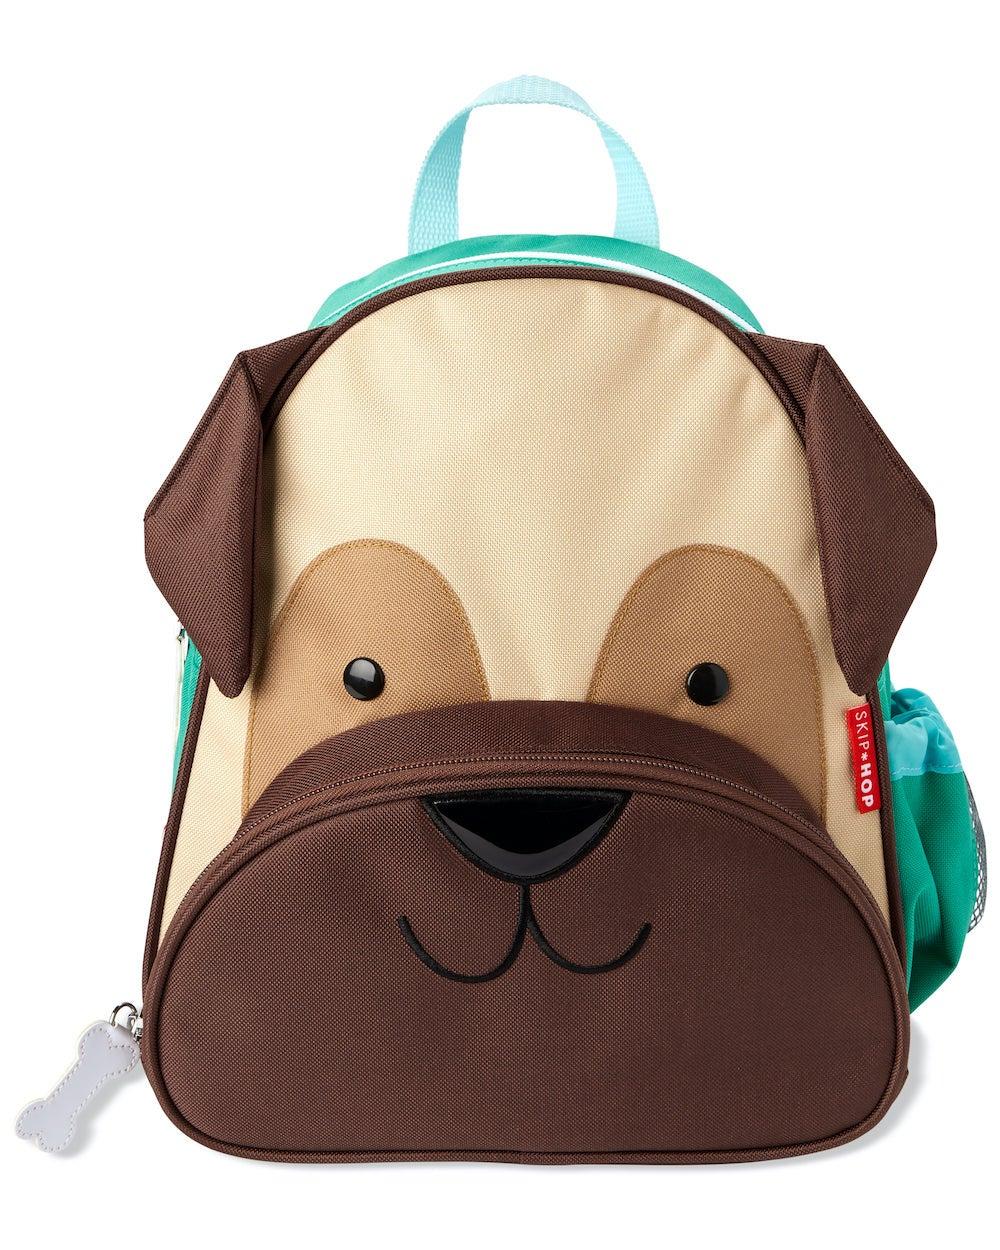 Skip Hop Zoo Preston Pug Backpack